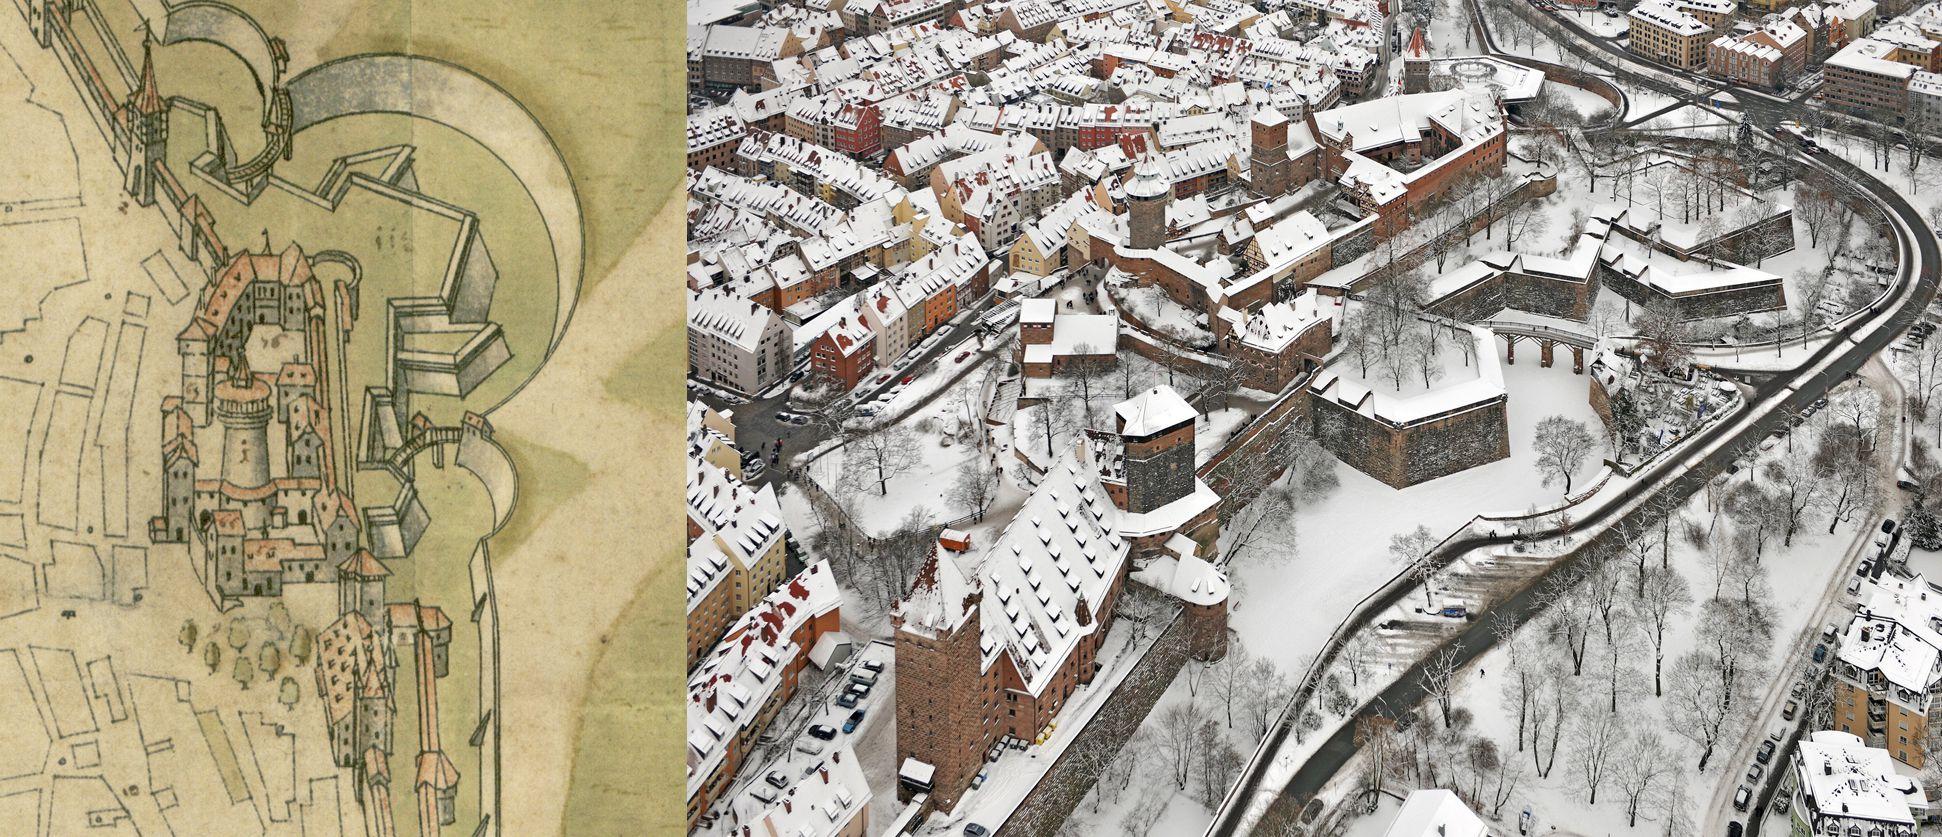 Steilaufsicht von Osten Burgbereich samt Basteien, Gegenüberstellung Bien (streng geostete Ansicht) und Luftfoto (Nordostansicht)